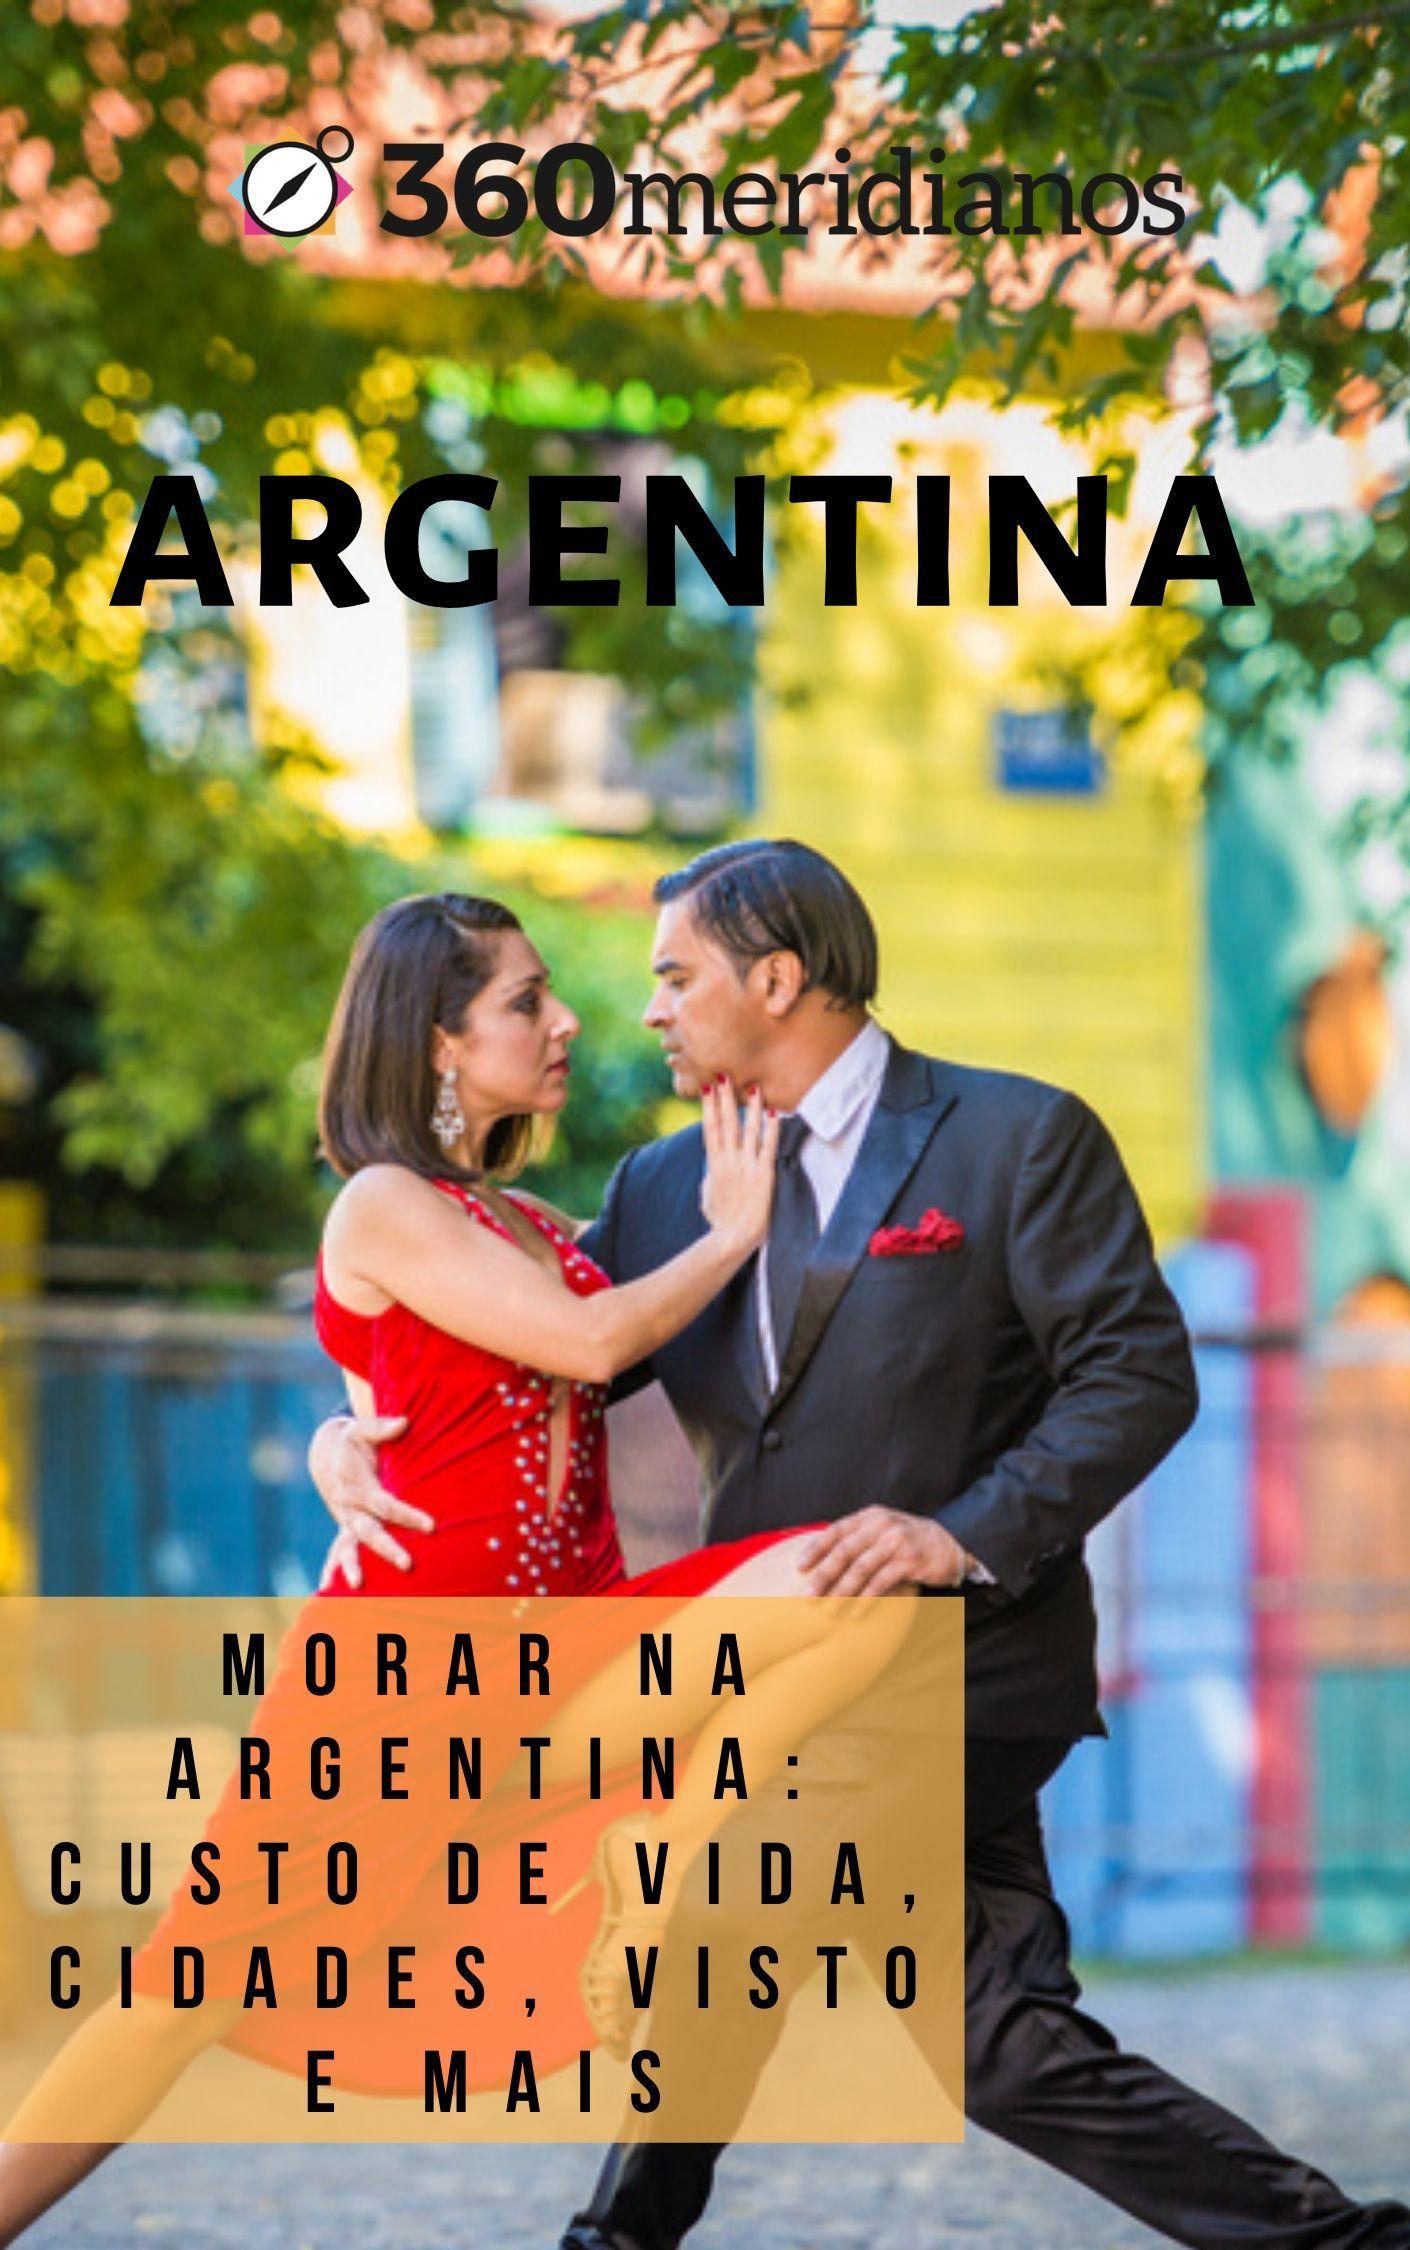 argentina dating cultura